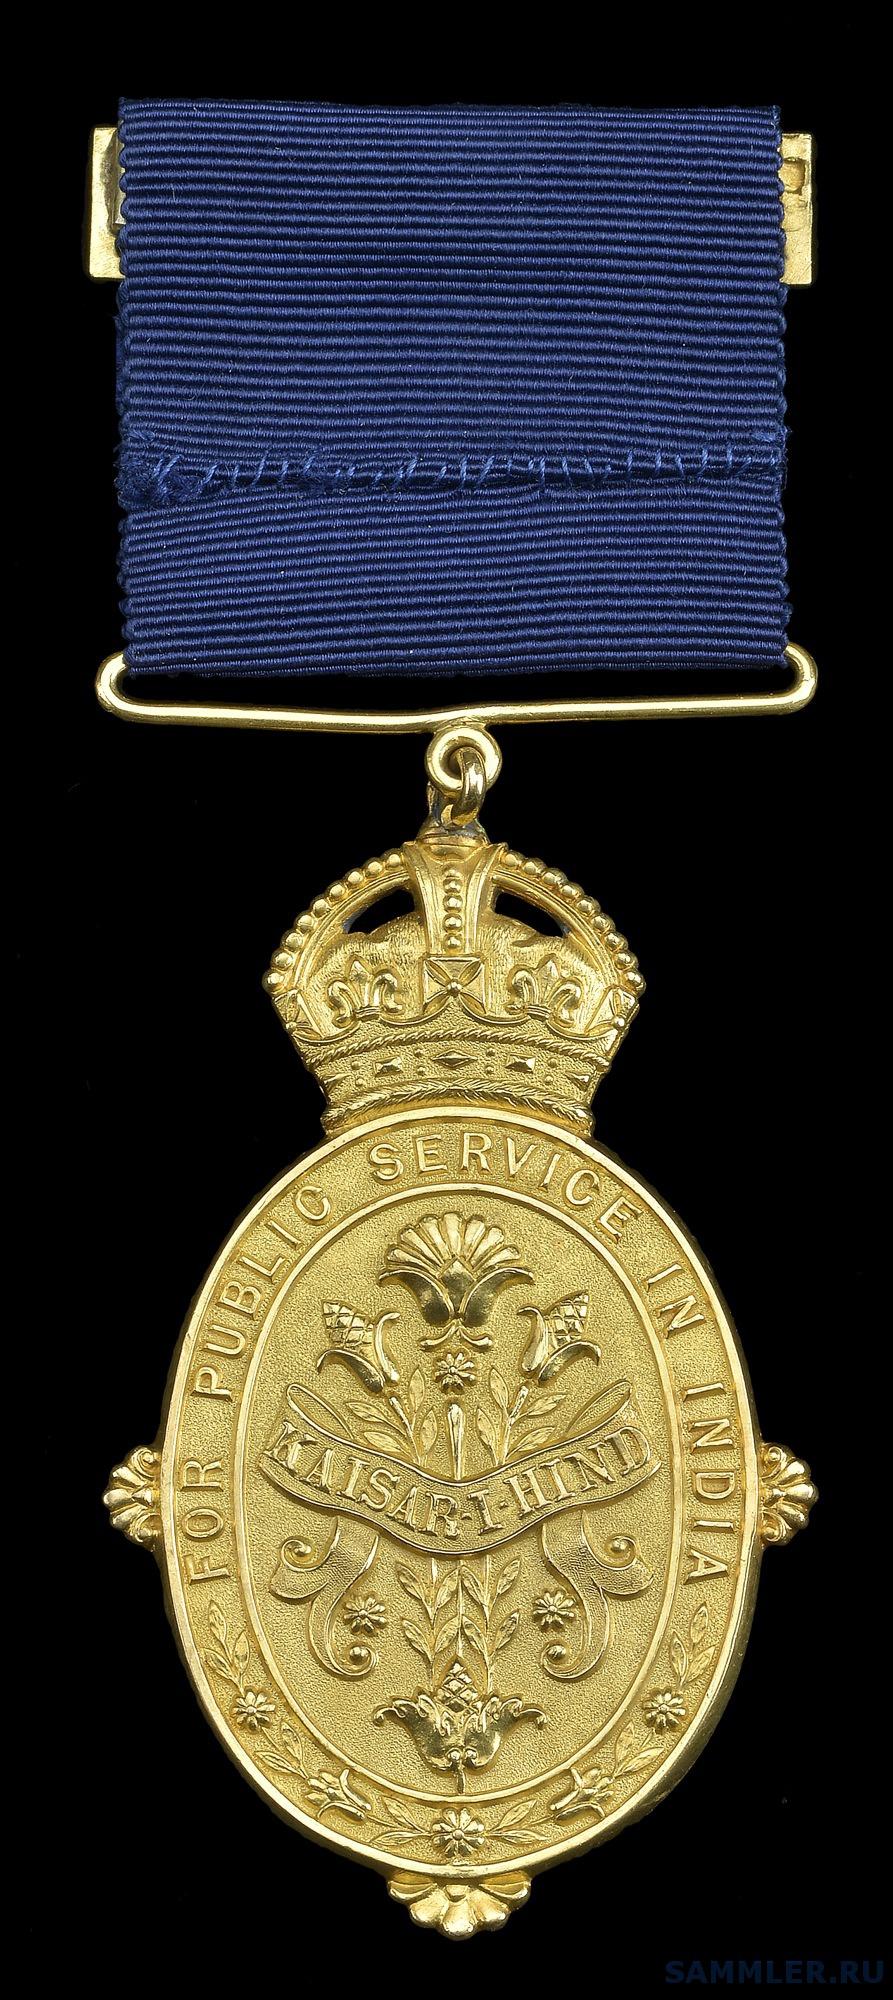 Kaisar-I-Hind, G.V.R., 1st class, 1st type, gold rev.jpg